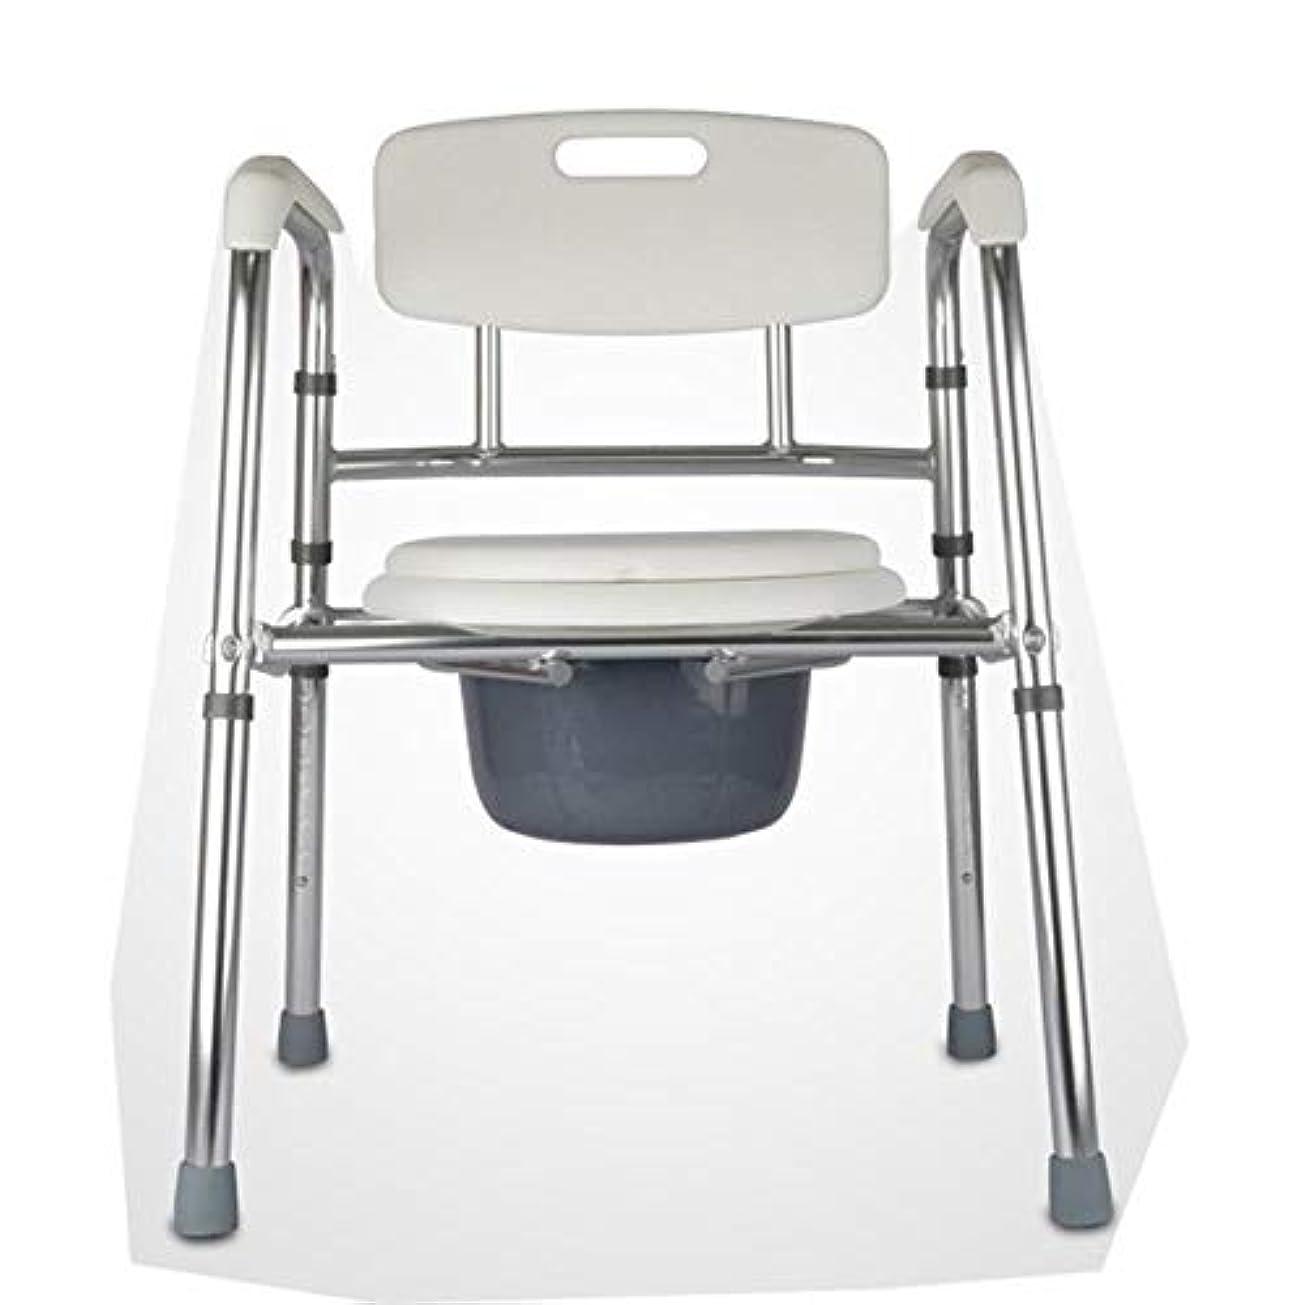 同行アレルギー性インスタンス折りたたみ式mode椅子とトイレサラウンド、軽量、丈夫、シンプル、高齢者、障害者、祖父母向けのバスルームサポート